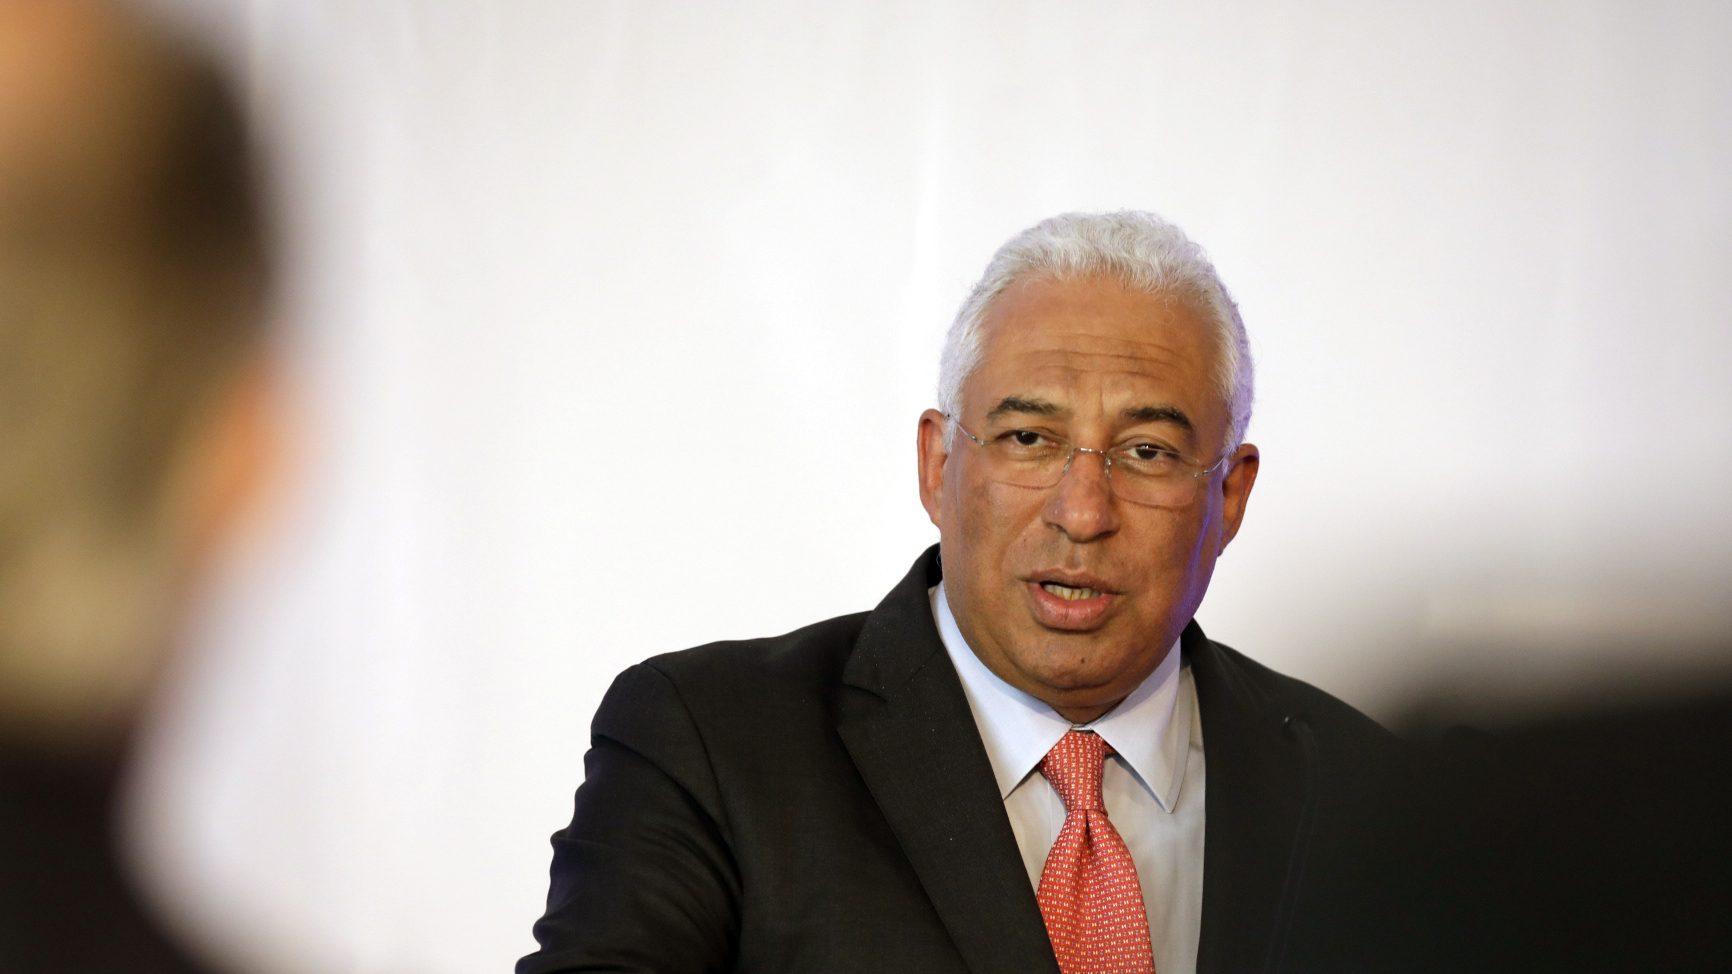 Costa pede urgência no consenso para novo aeroporto